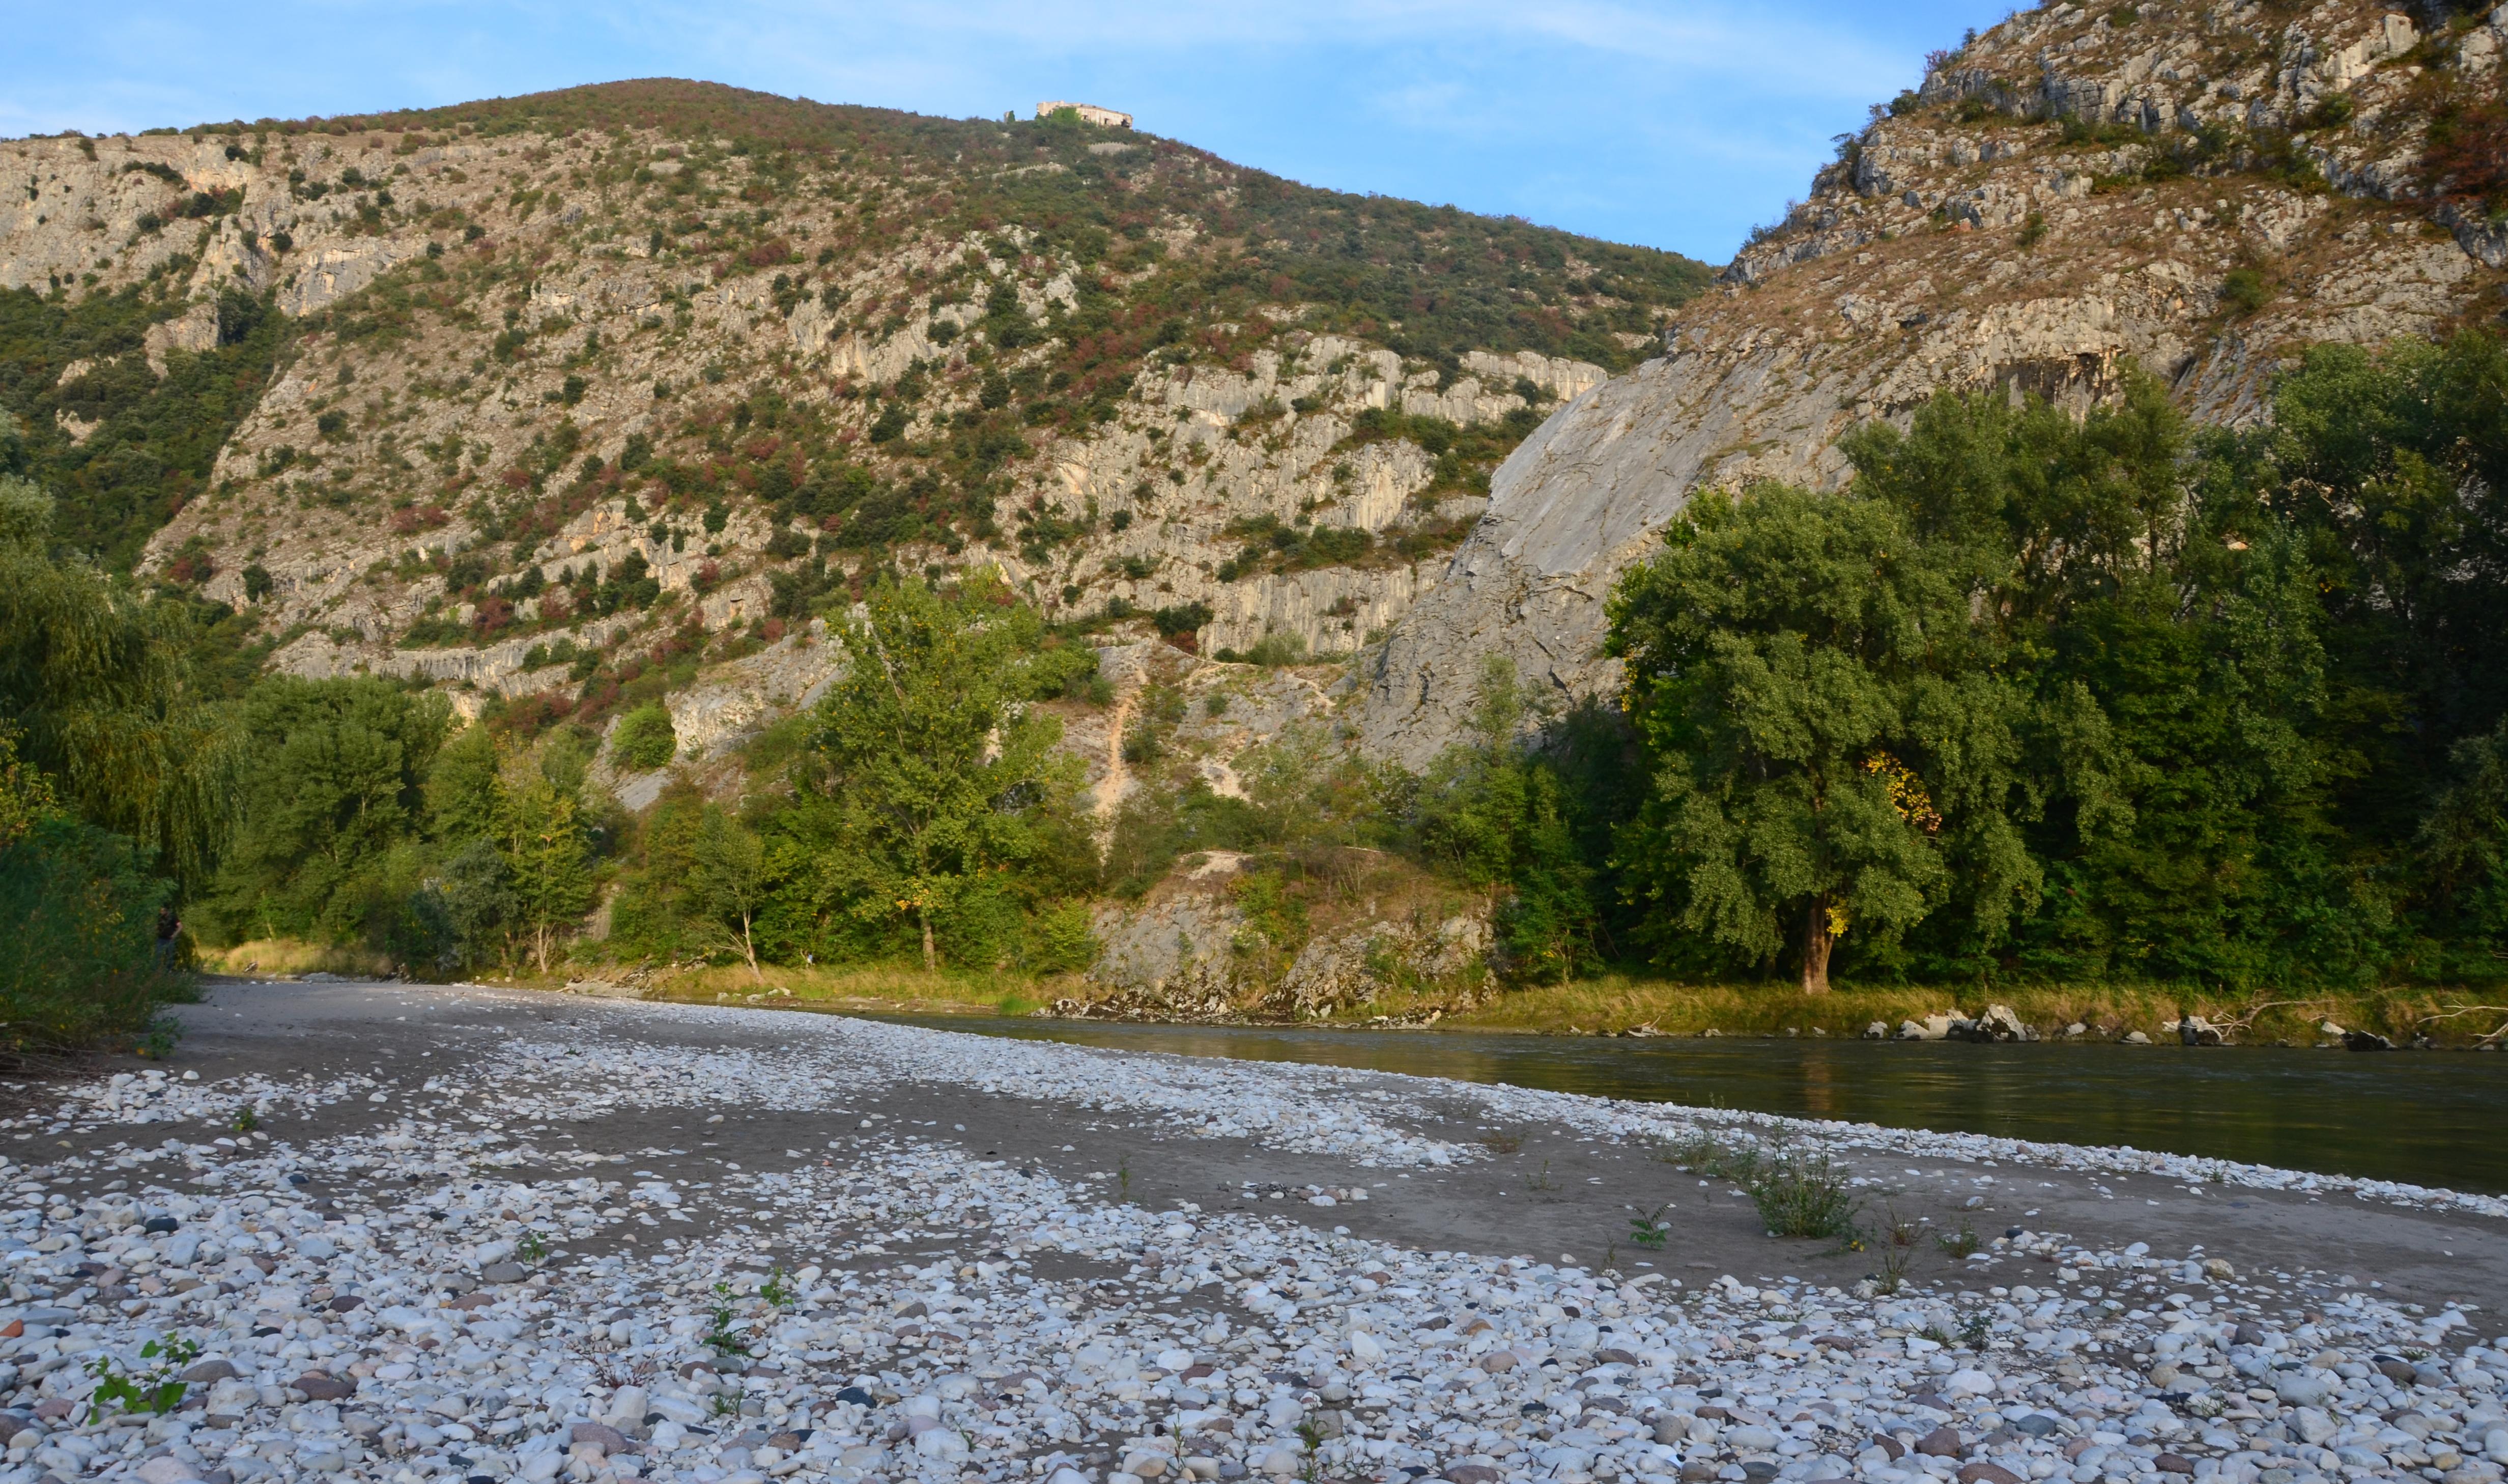 Štěrkový náplav řeky Adige vokolí vesnice Dolcé (provincie Verona, Itálie), (Foto: K.K.)